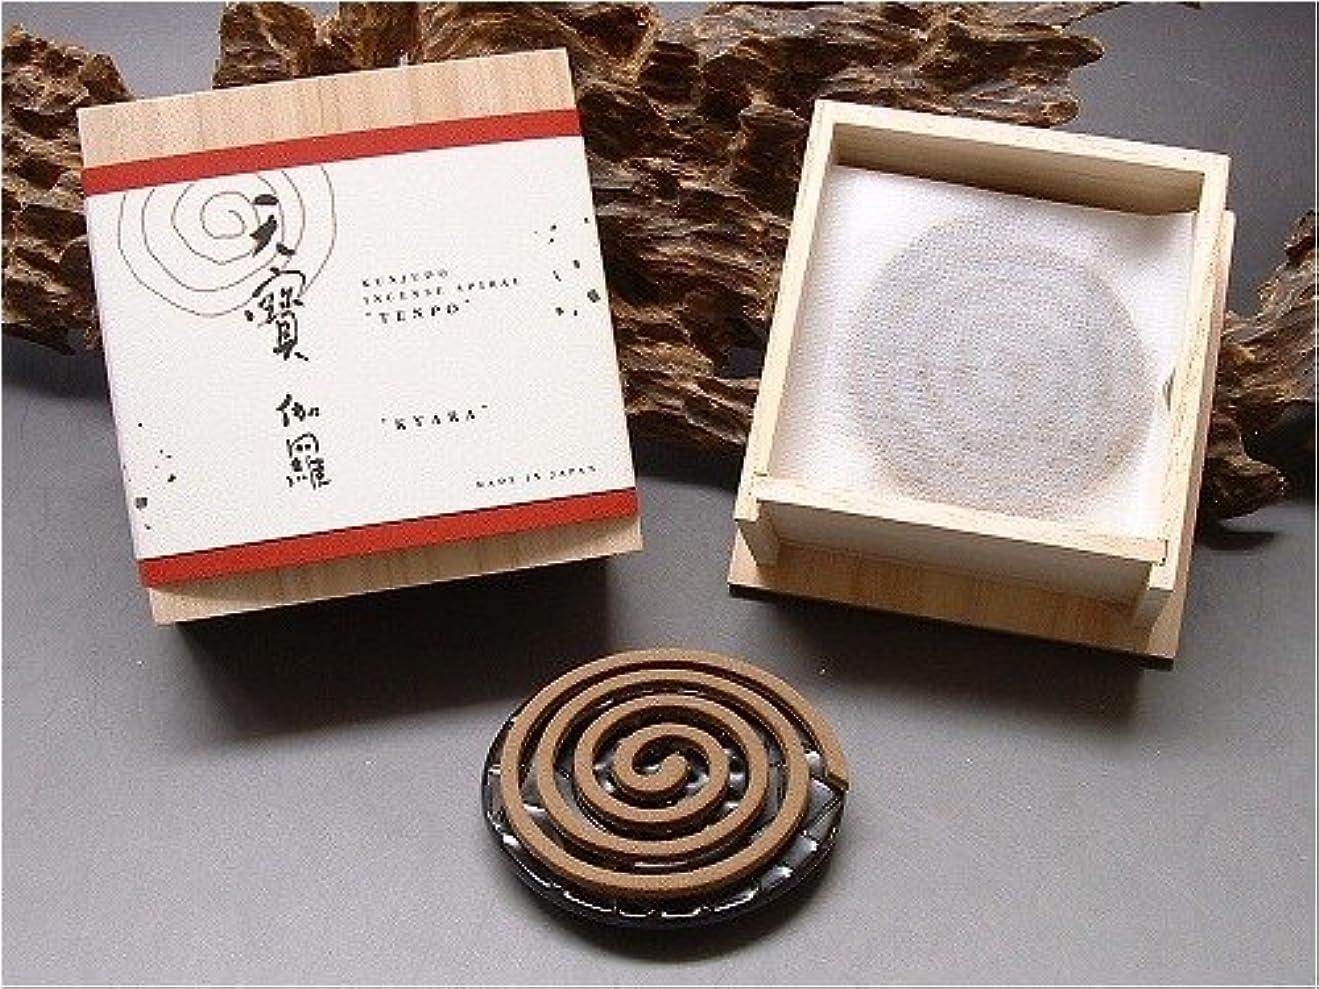 玉ねぎかける貞薫寿堂のお香 天寶 伽羅 渦巻型